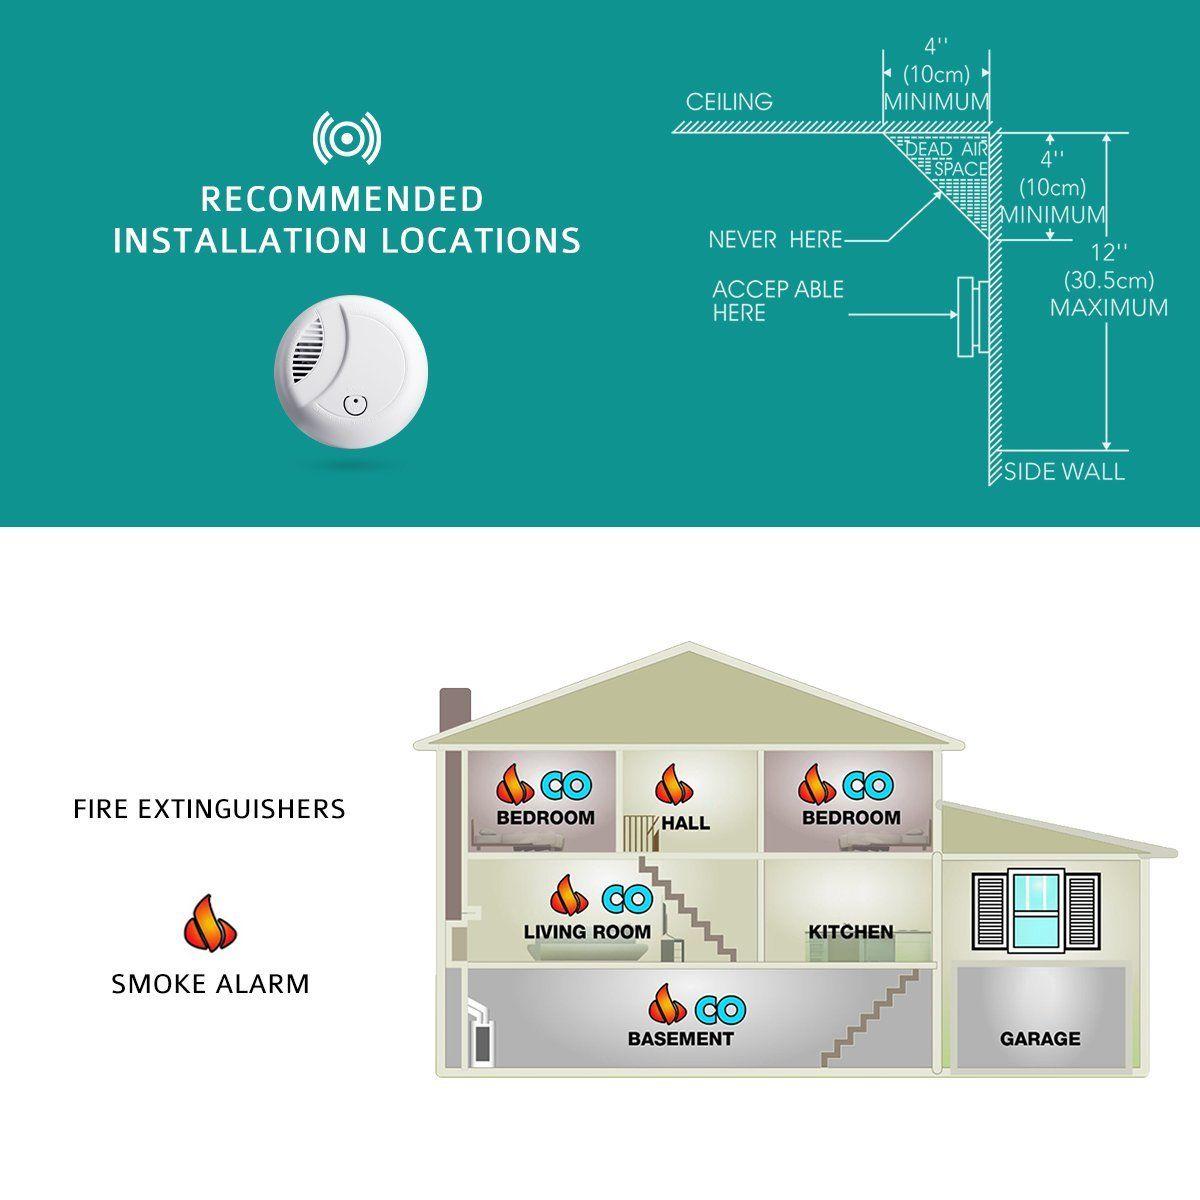 holife rauchmelder holife 10 jahres rauchwarnmelder brandmelder feuermelder. Black Bedroom Furniture Sets. Home Design Ideas